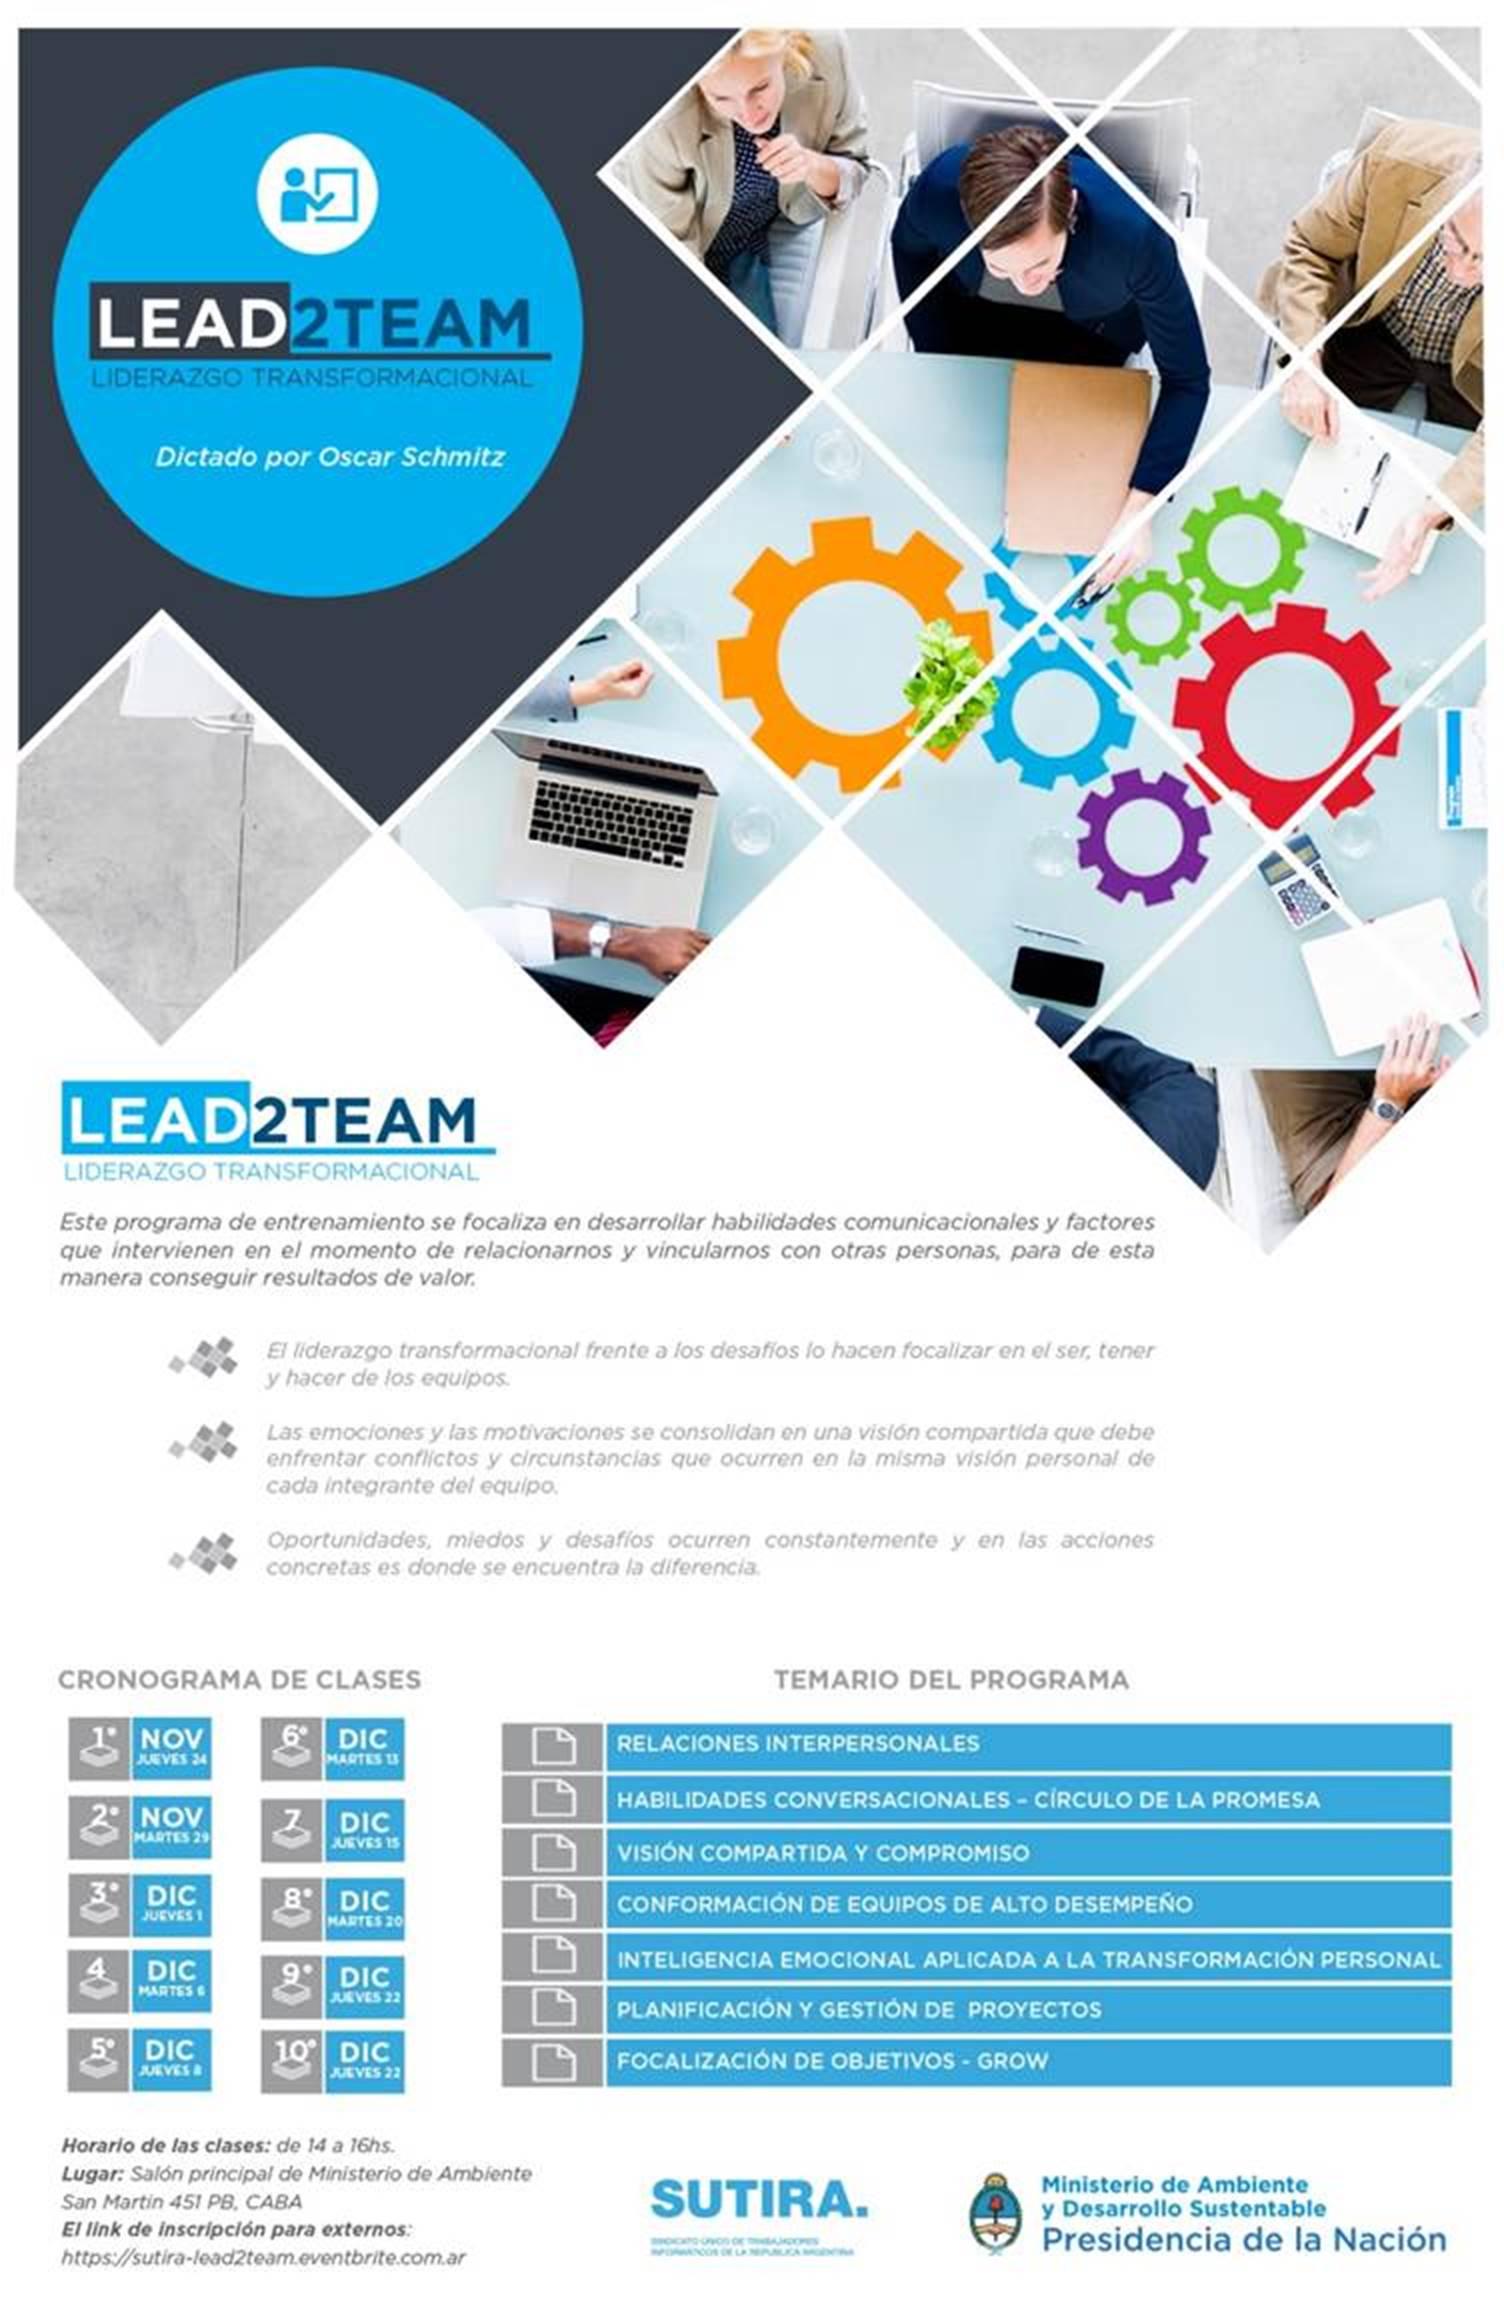 Lead2Team